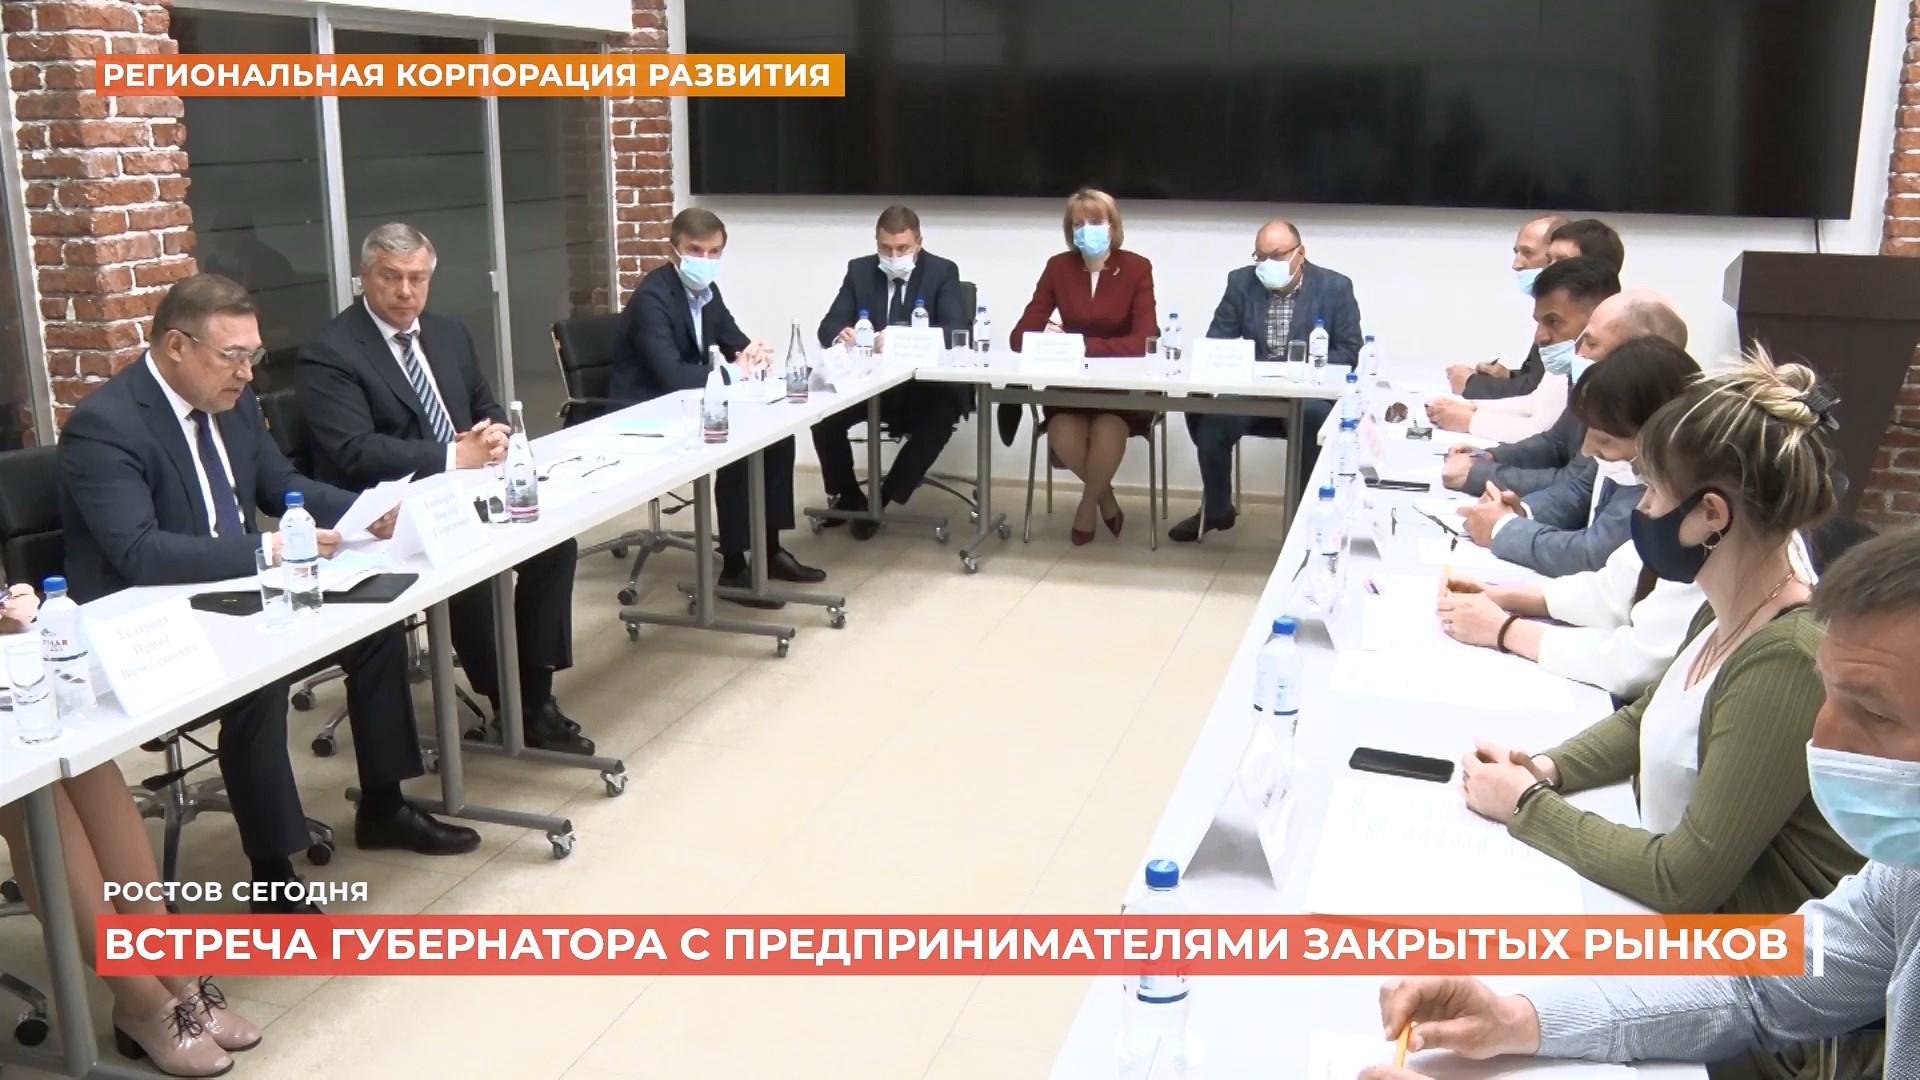 Ростов сегодня: дневной выпуск. 6 мая 2021